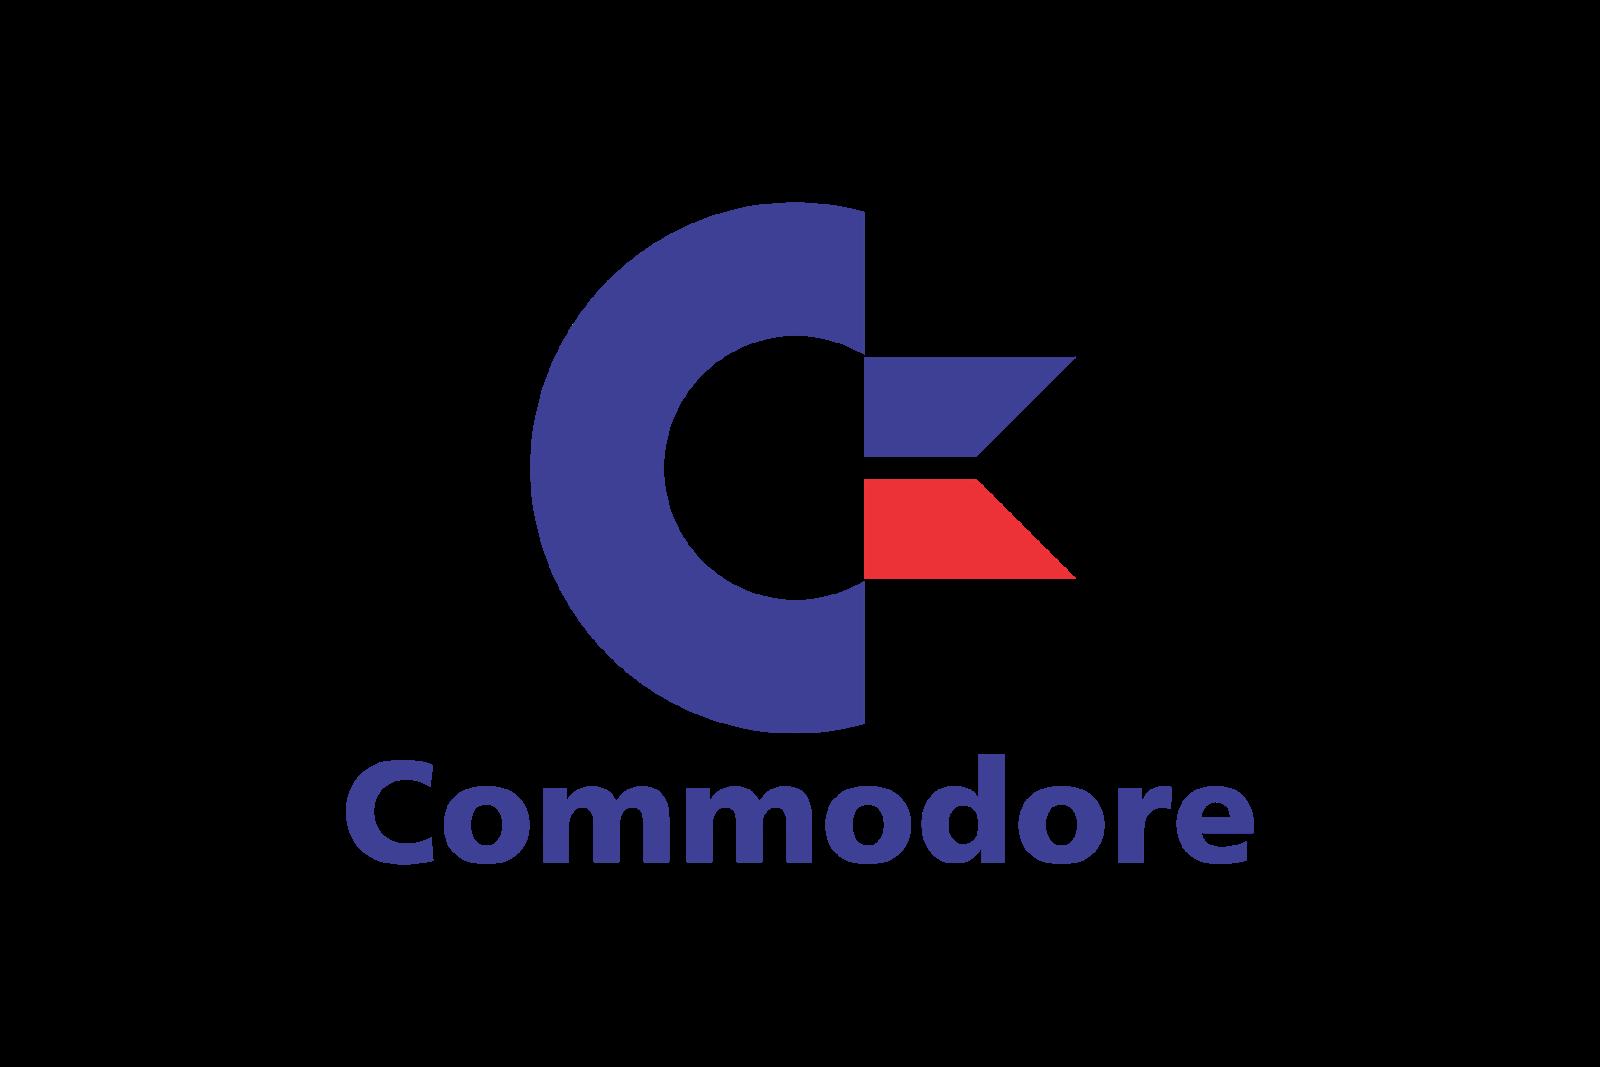 Home And Design Logo Commodore International Logo